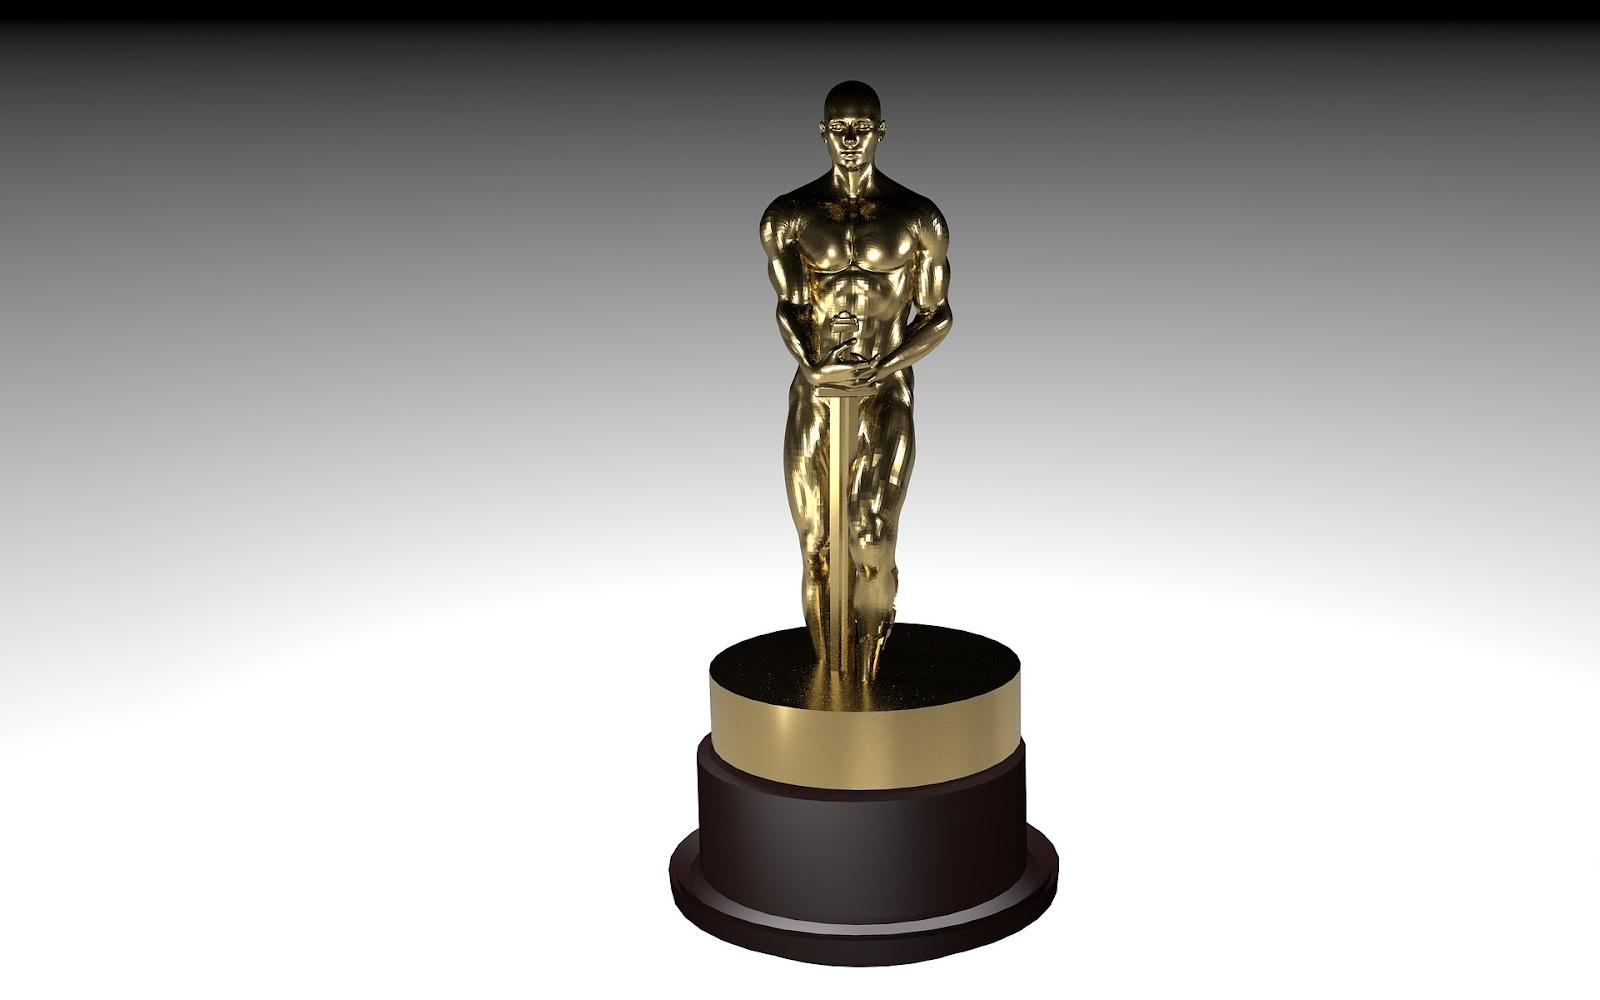 An Academy Award statue